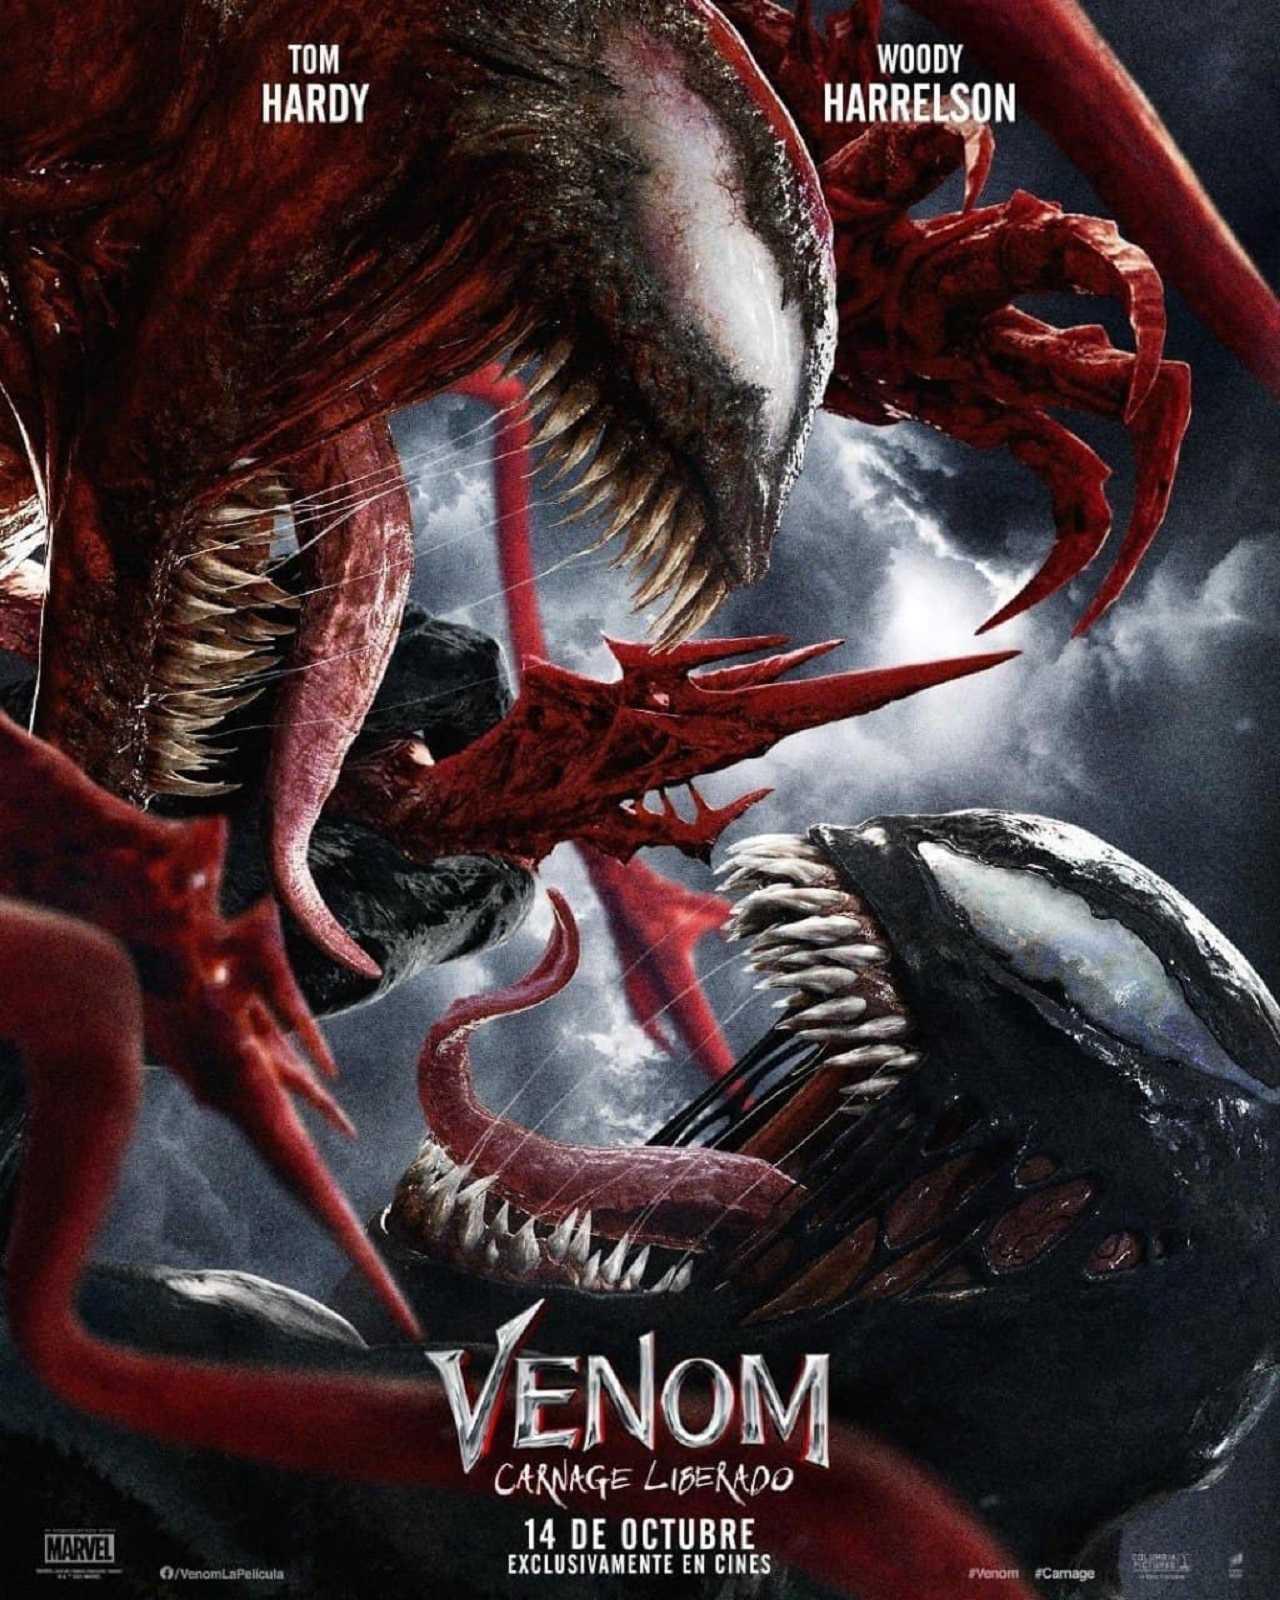 Venom 2 Película Estreno Cines México